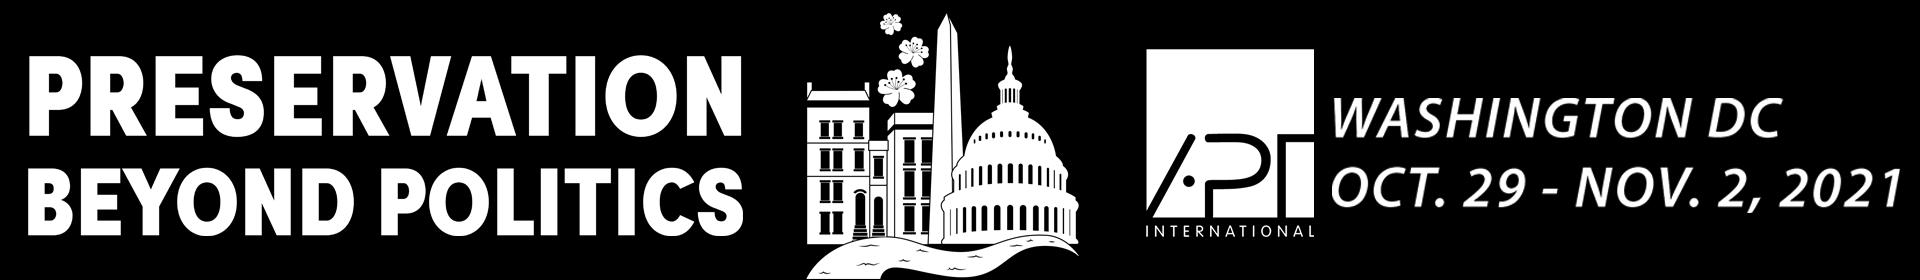 APT 2021 Conference - Preservation Beyond Politics Event Banner